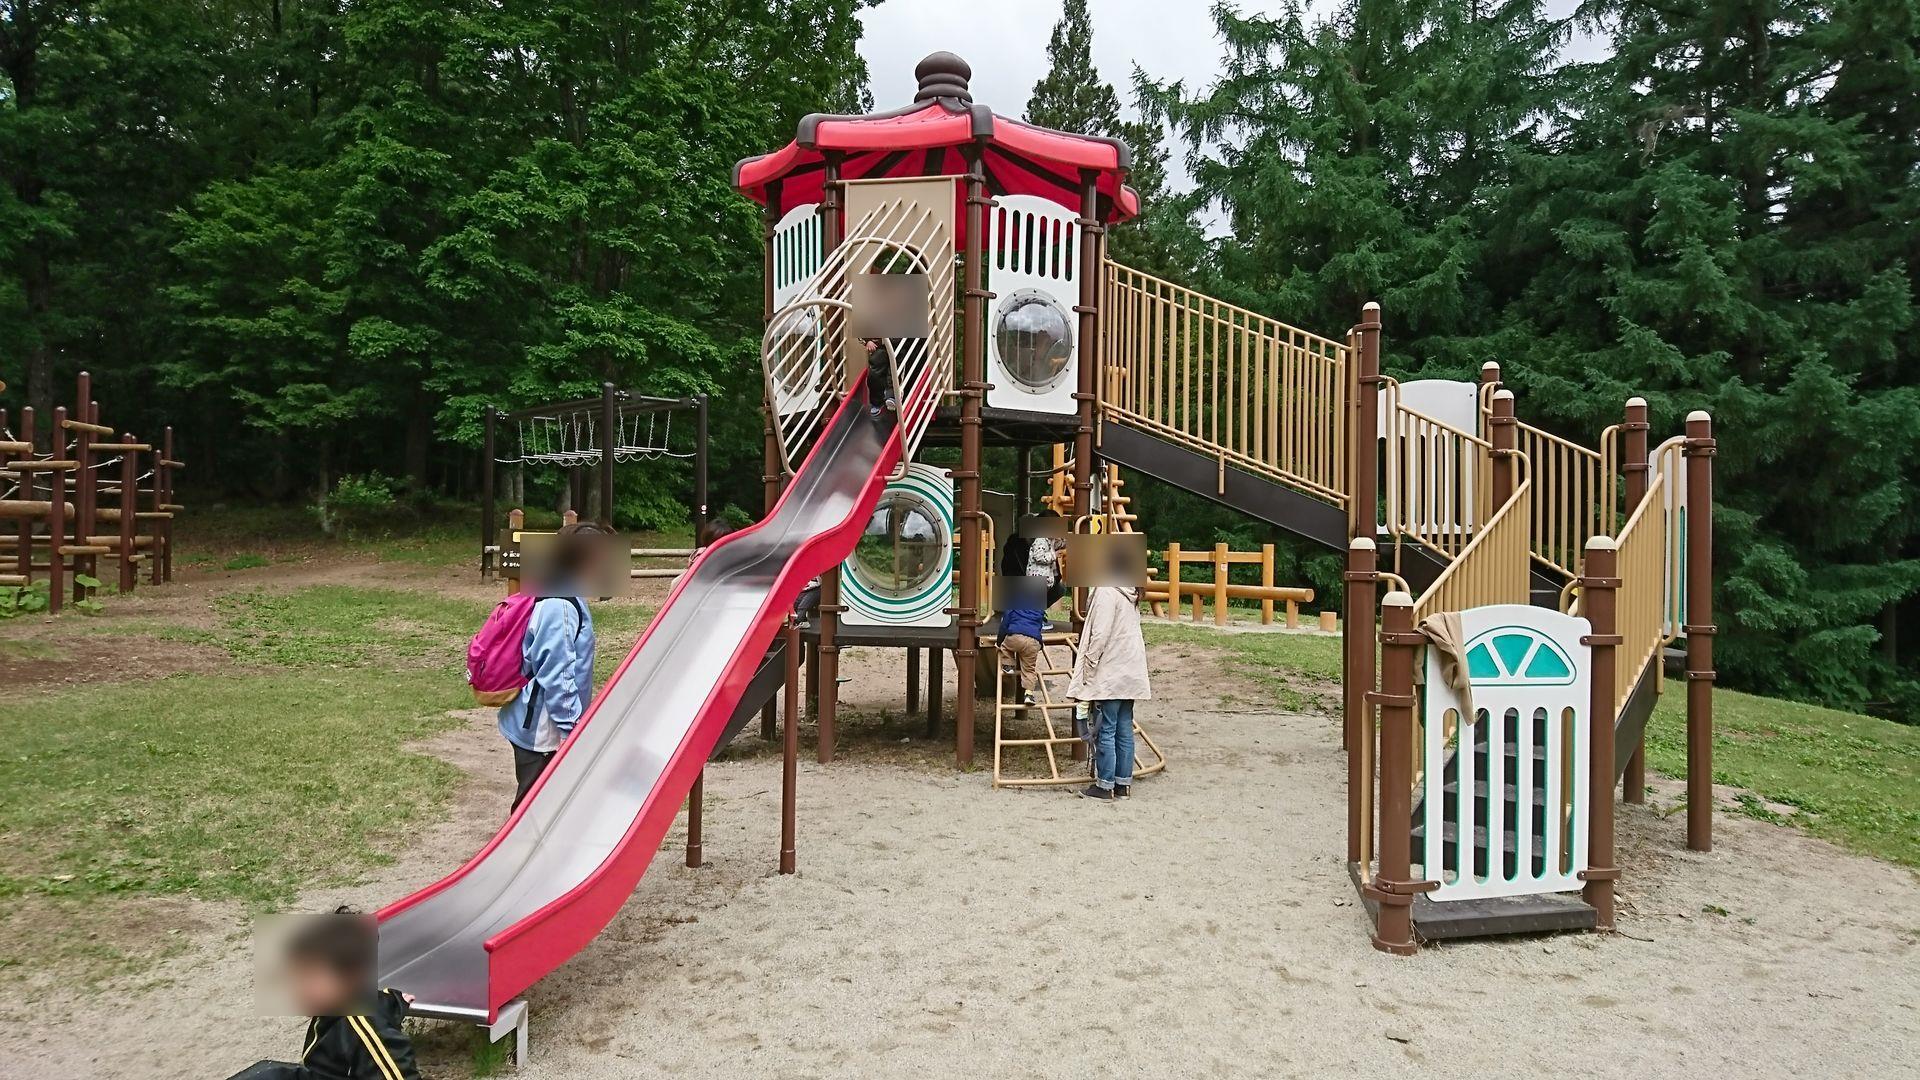 【西蔵王公園の森の広場は小学生におすすめ!】全身を使って遊ぼう!